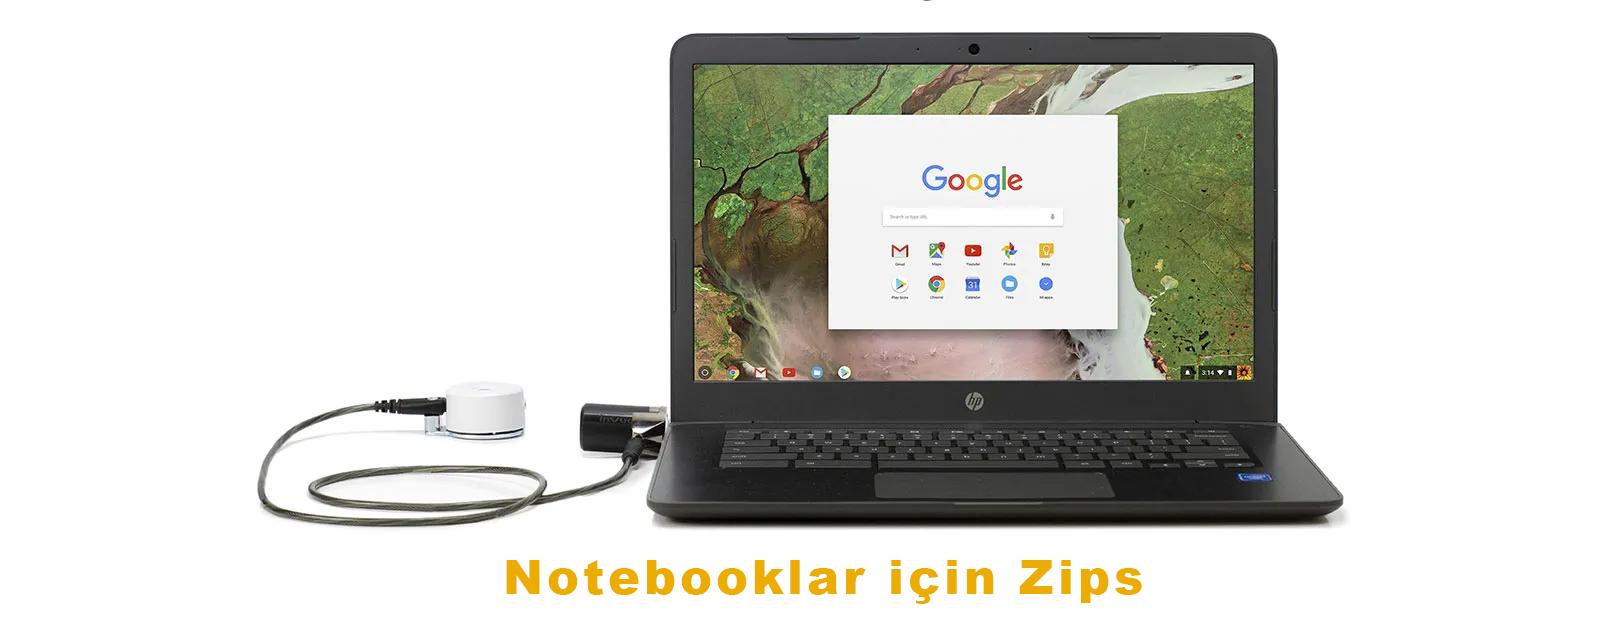 Zips-notebook